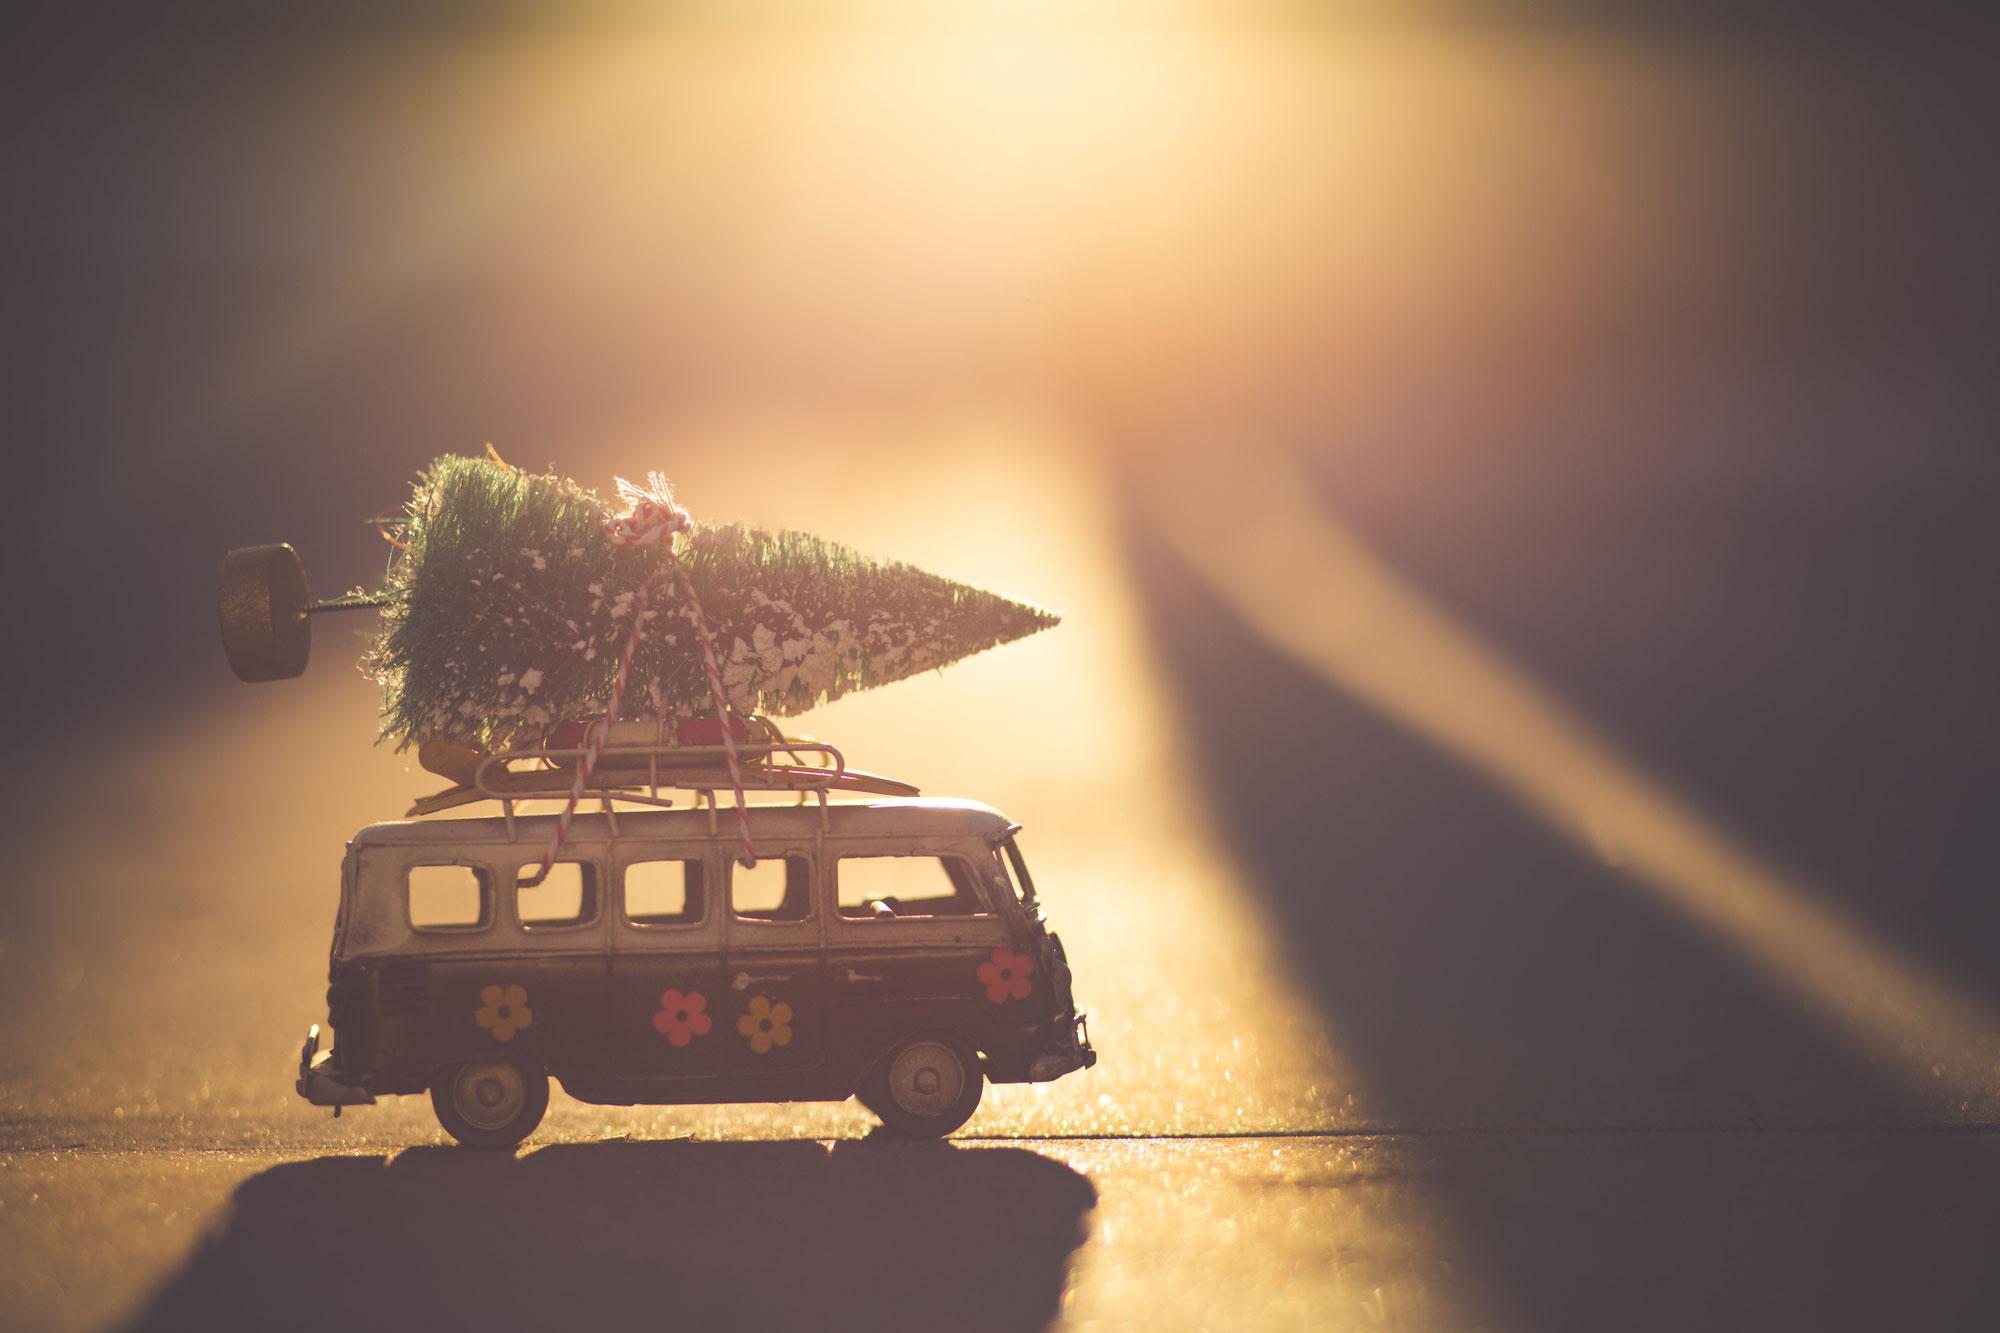 Een gratis kerstboom is dat mogelijk?